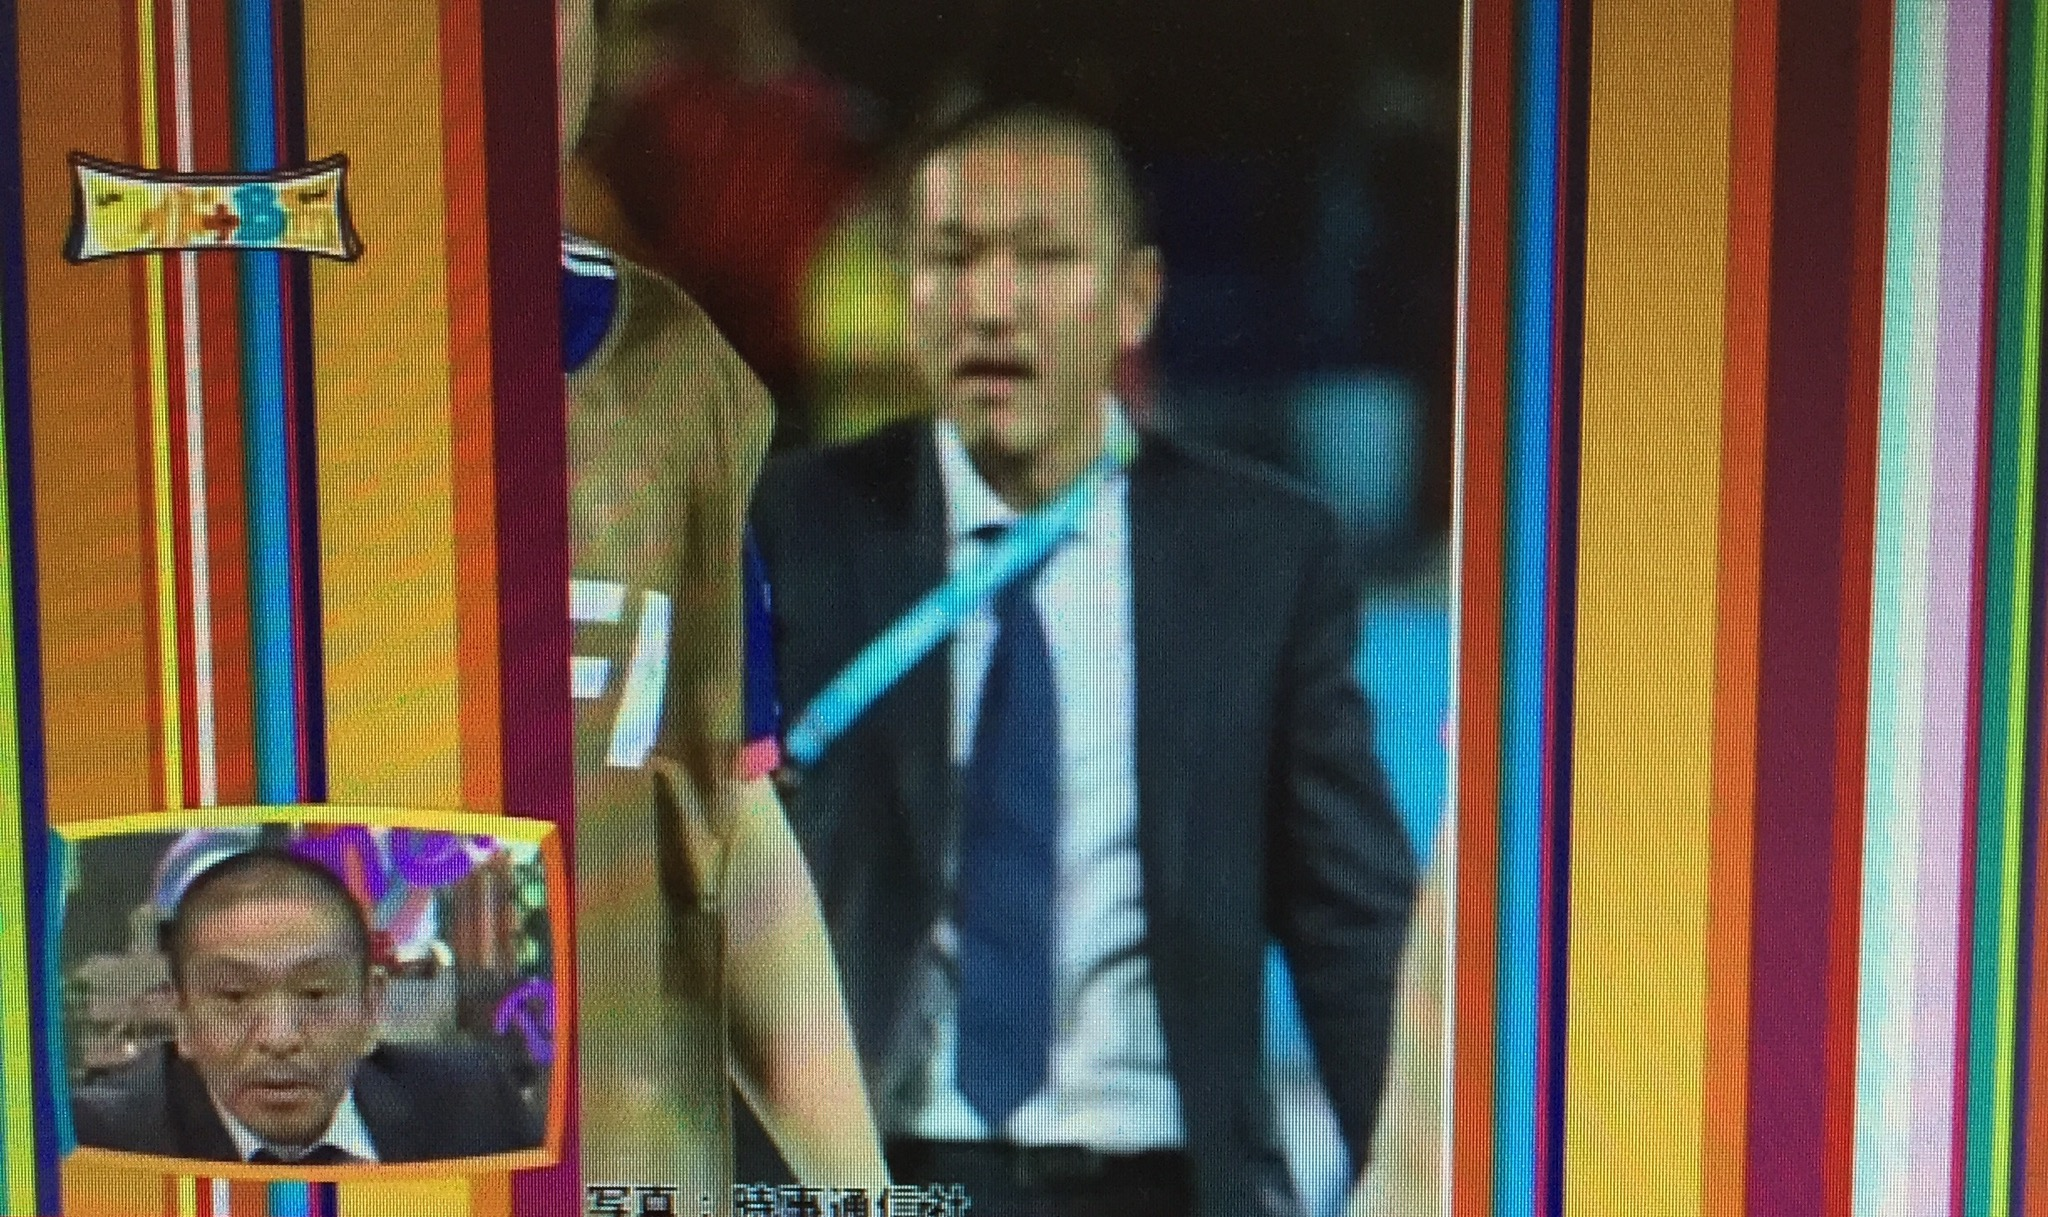 ブラジルワールドカップにダウンタウン松ちゃんにそっくりな人がいたぞ!